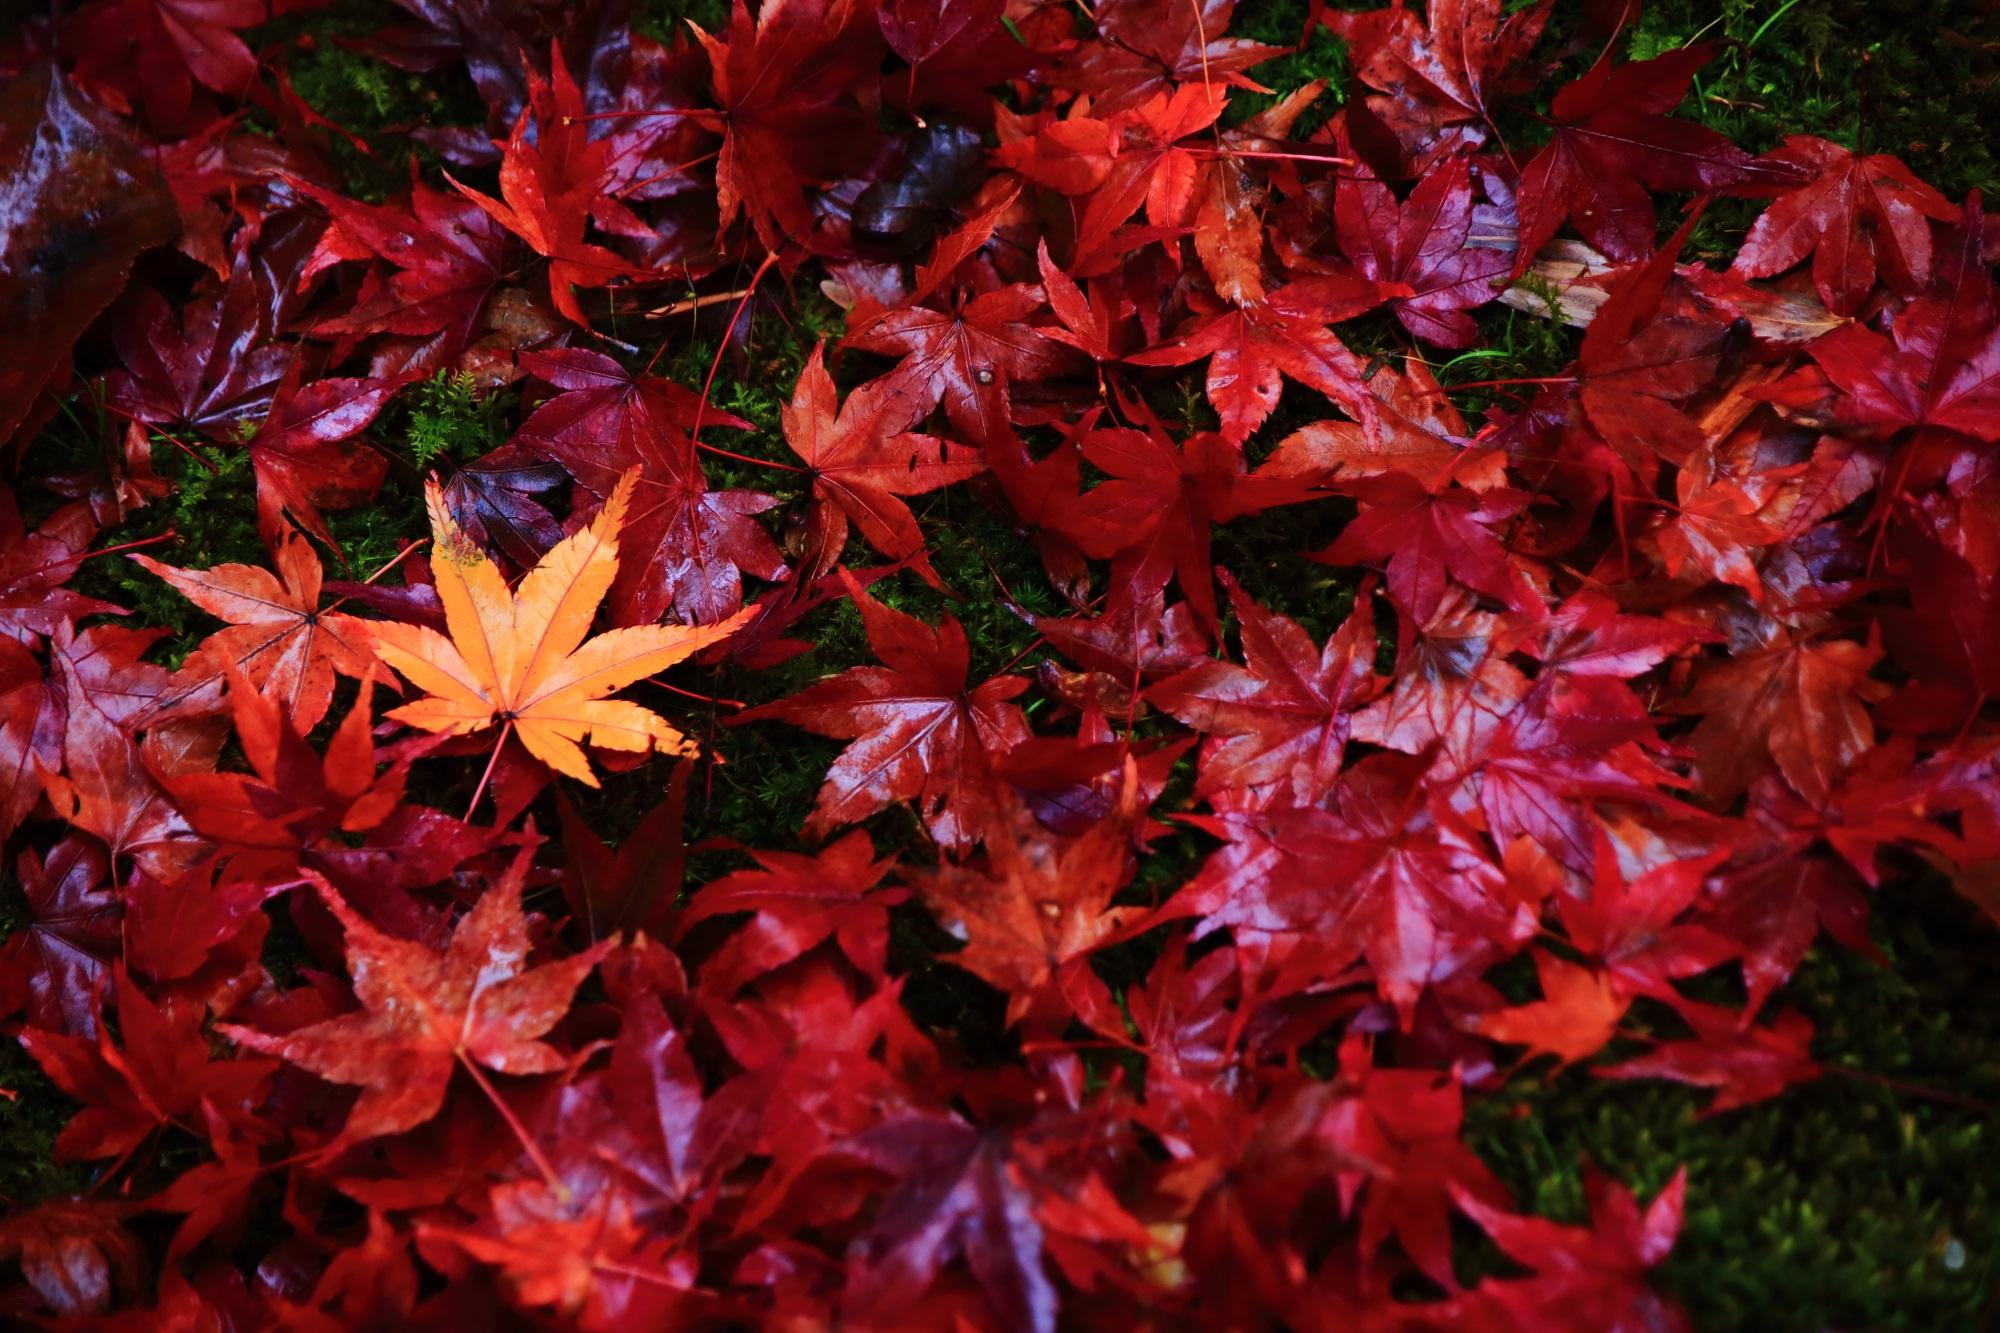 直指庵の雨に濡れた美しい散り紅葉